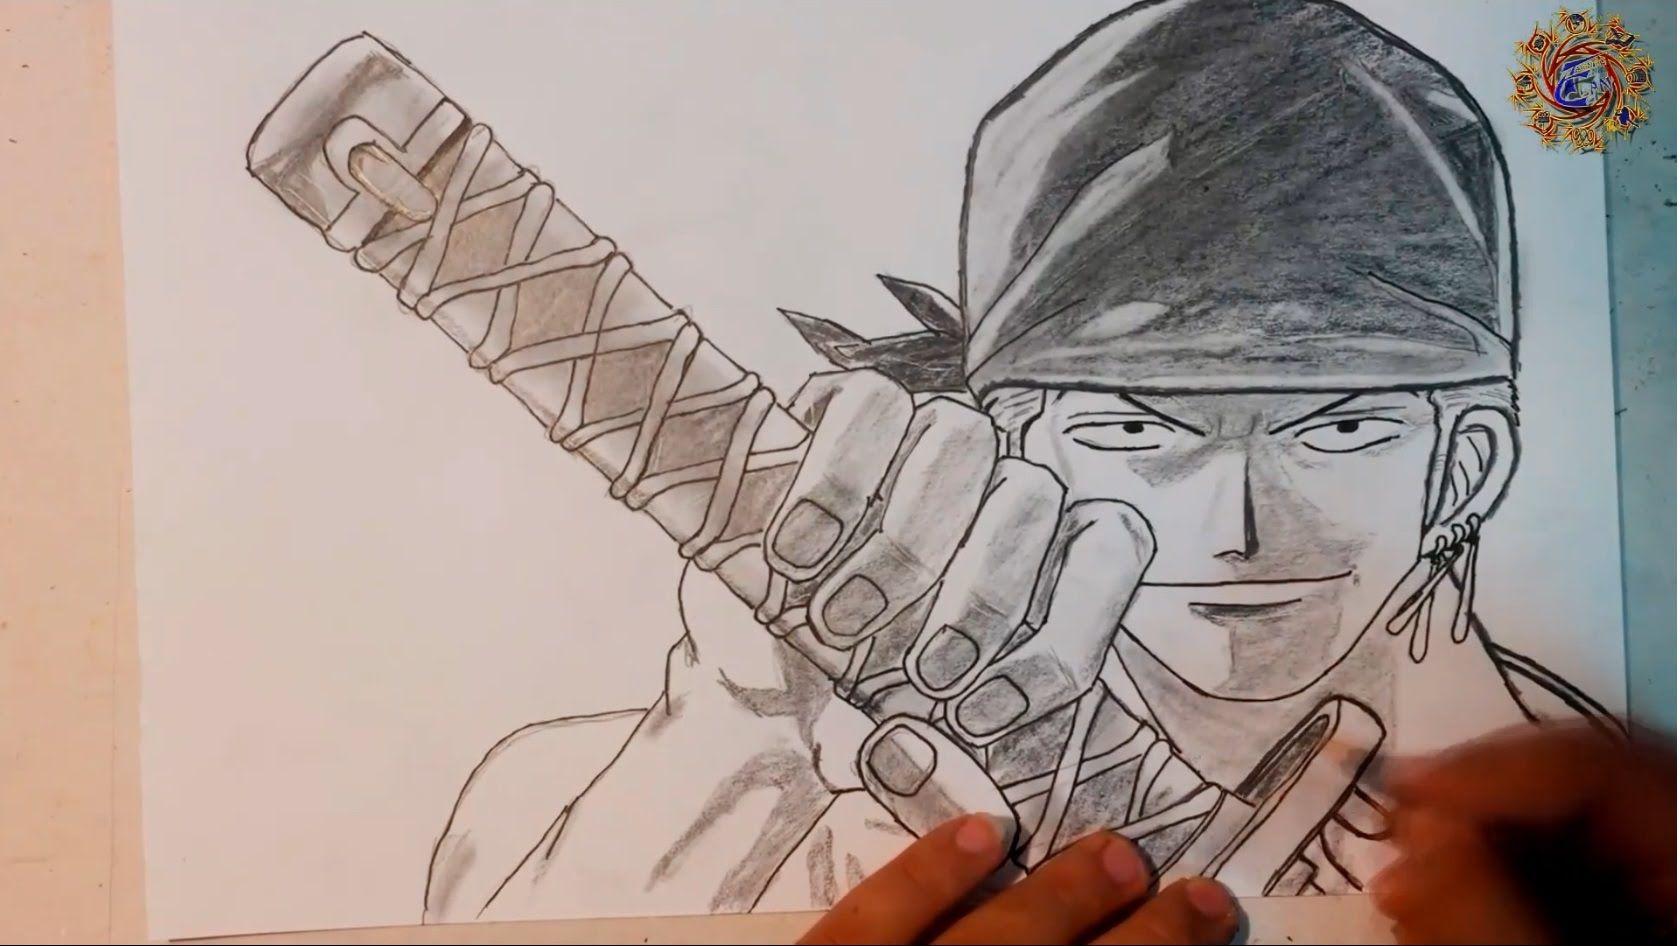 How To Draw Zoro One Piece One Piece Drawing Zoro One Piece Drawings